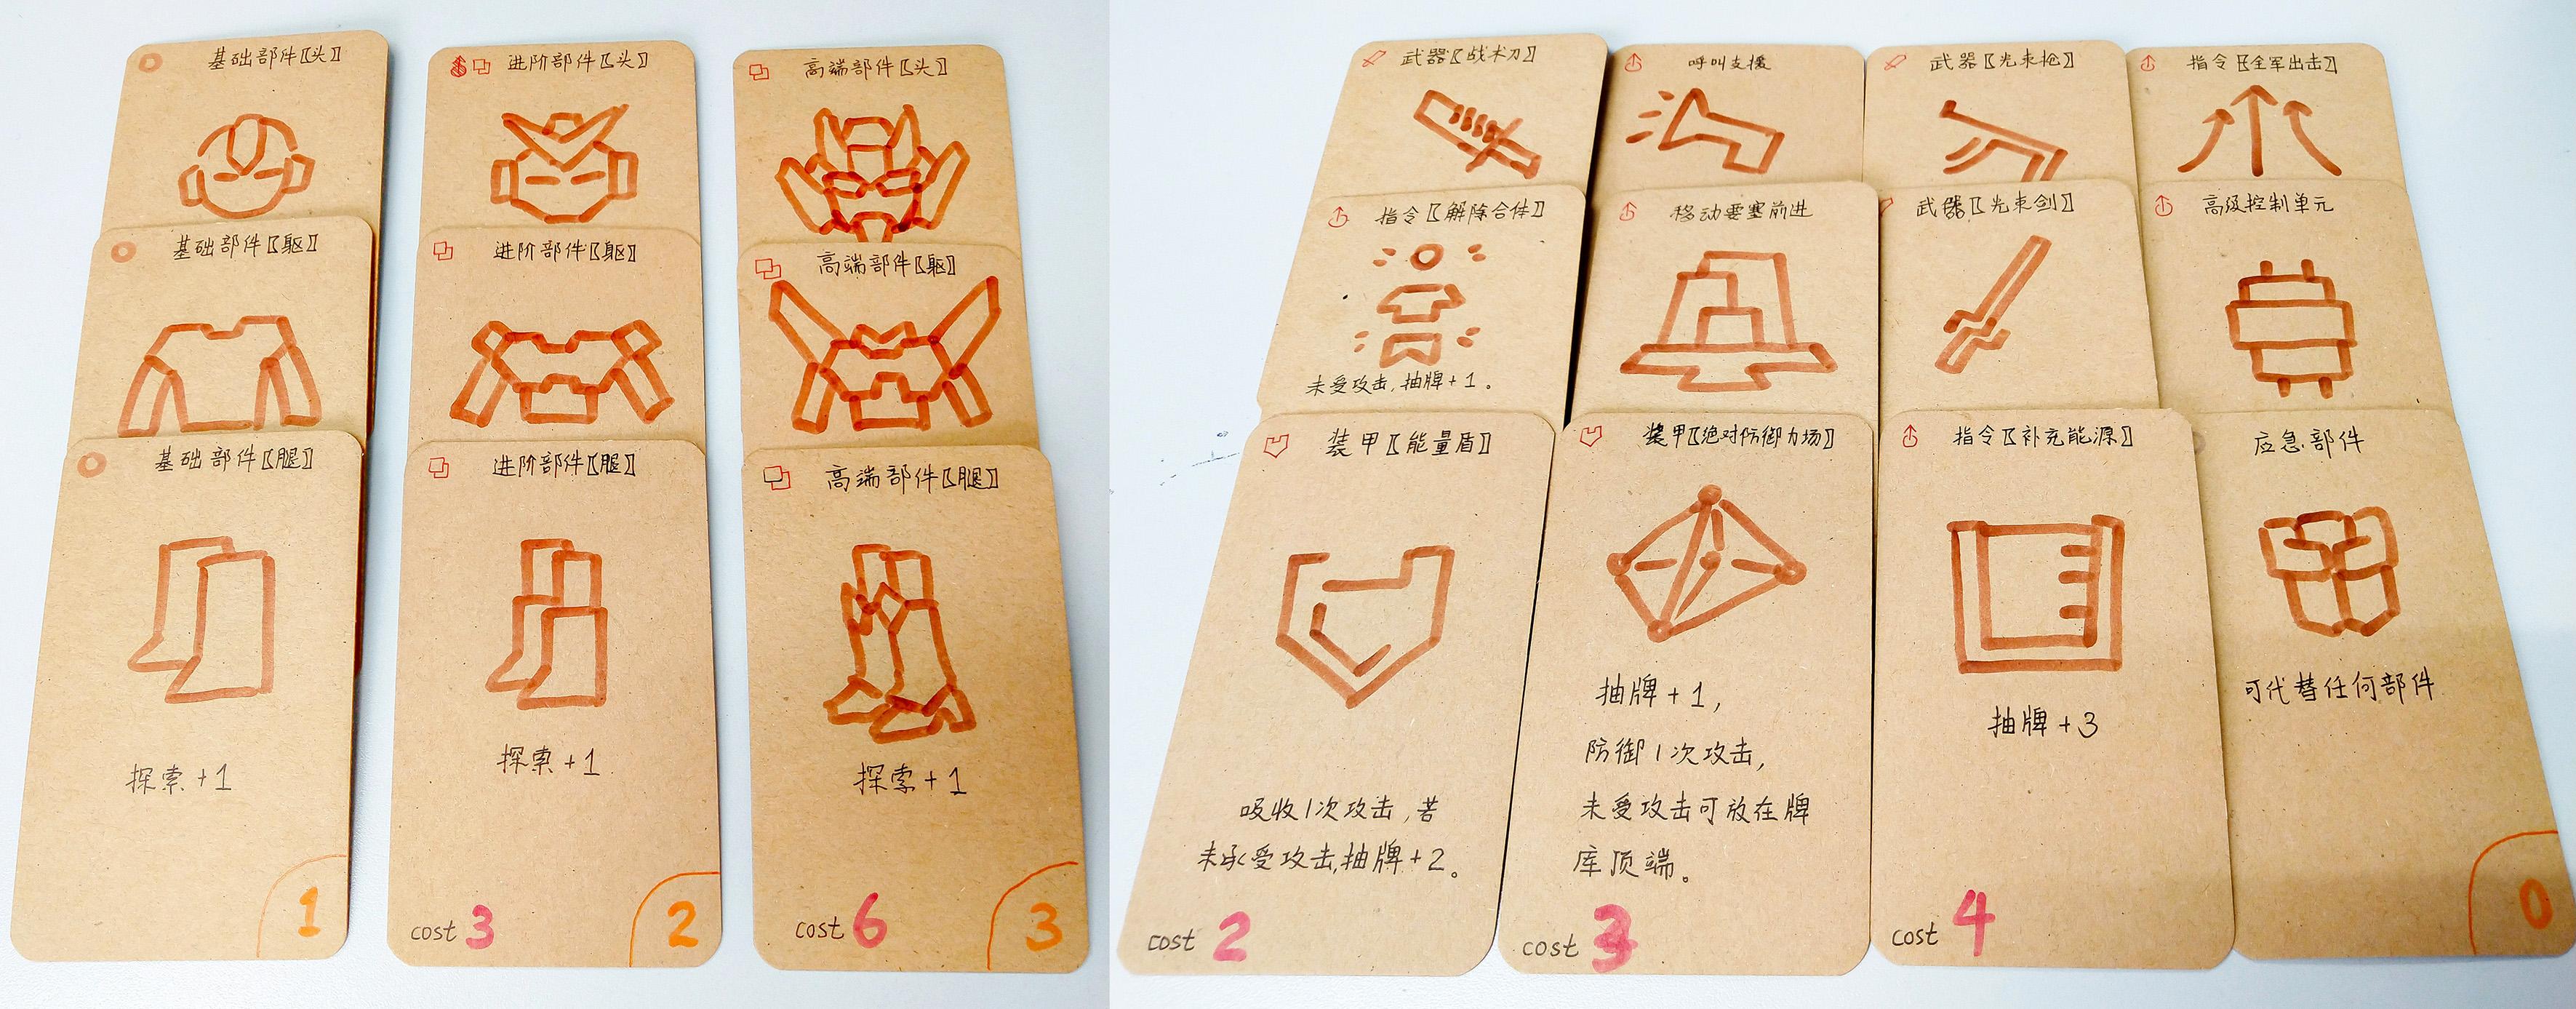 12 第一版合体机器人 手稿 压缩.jpg